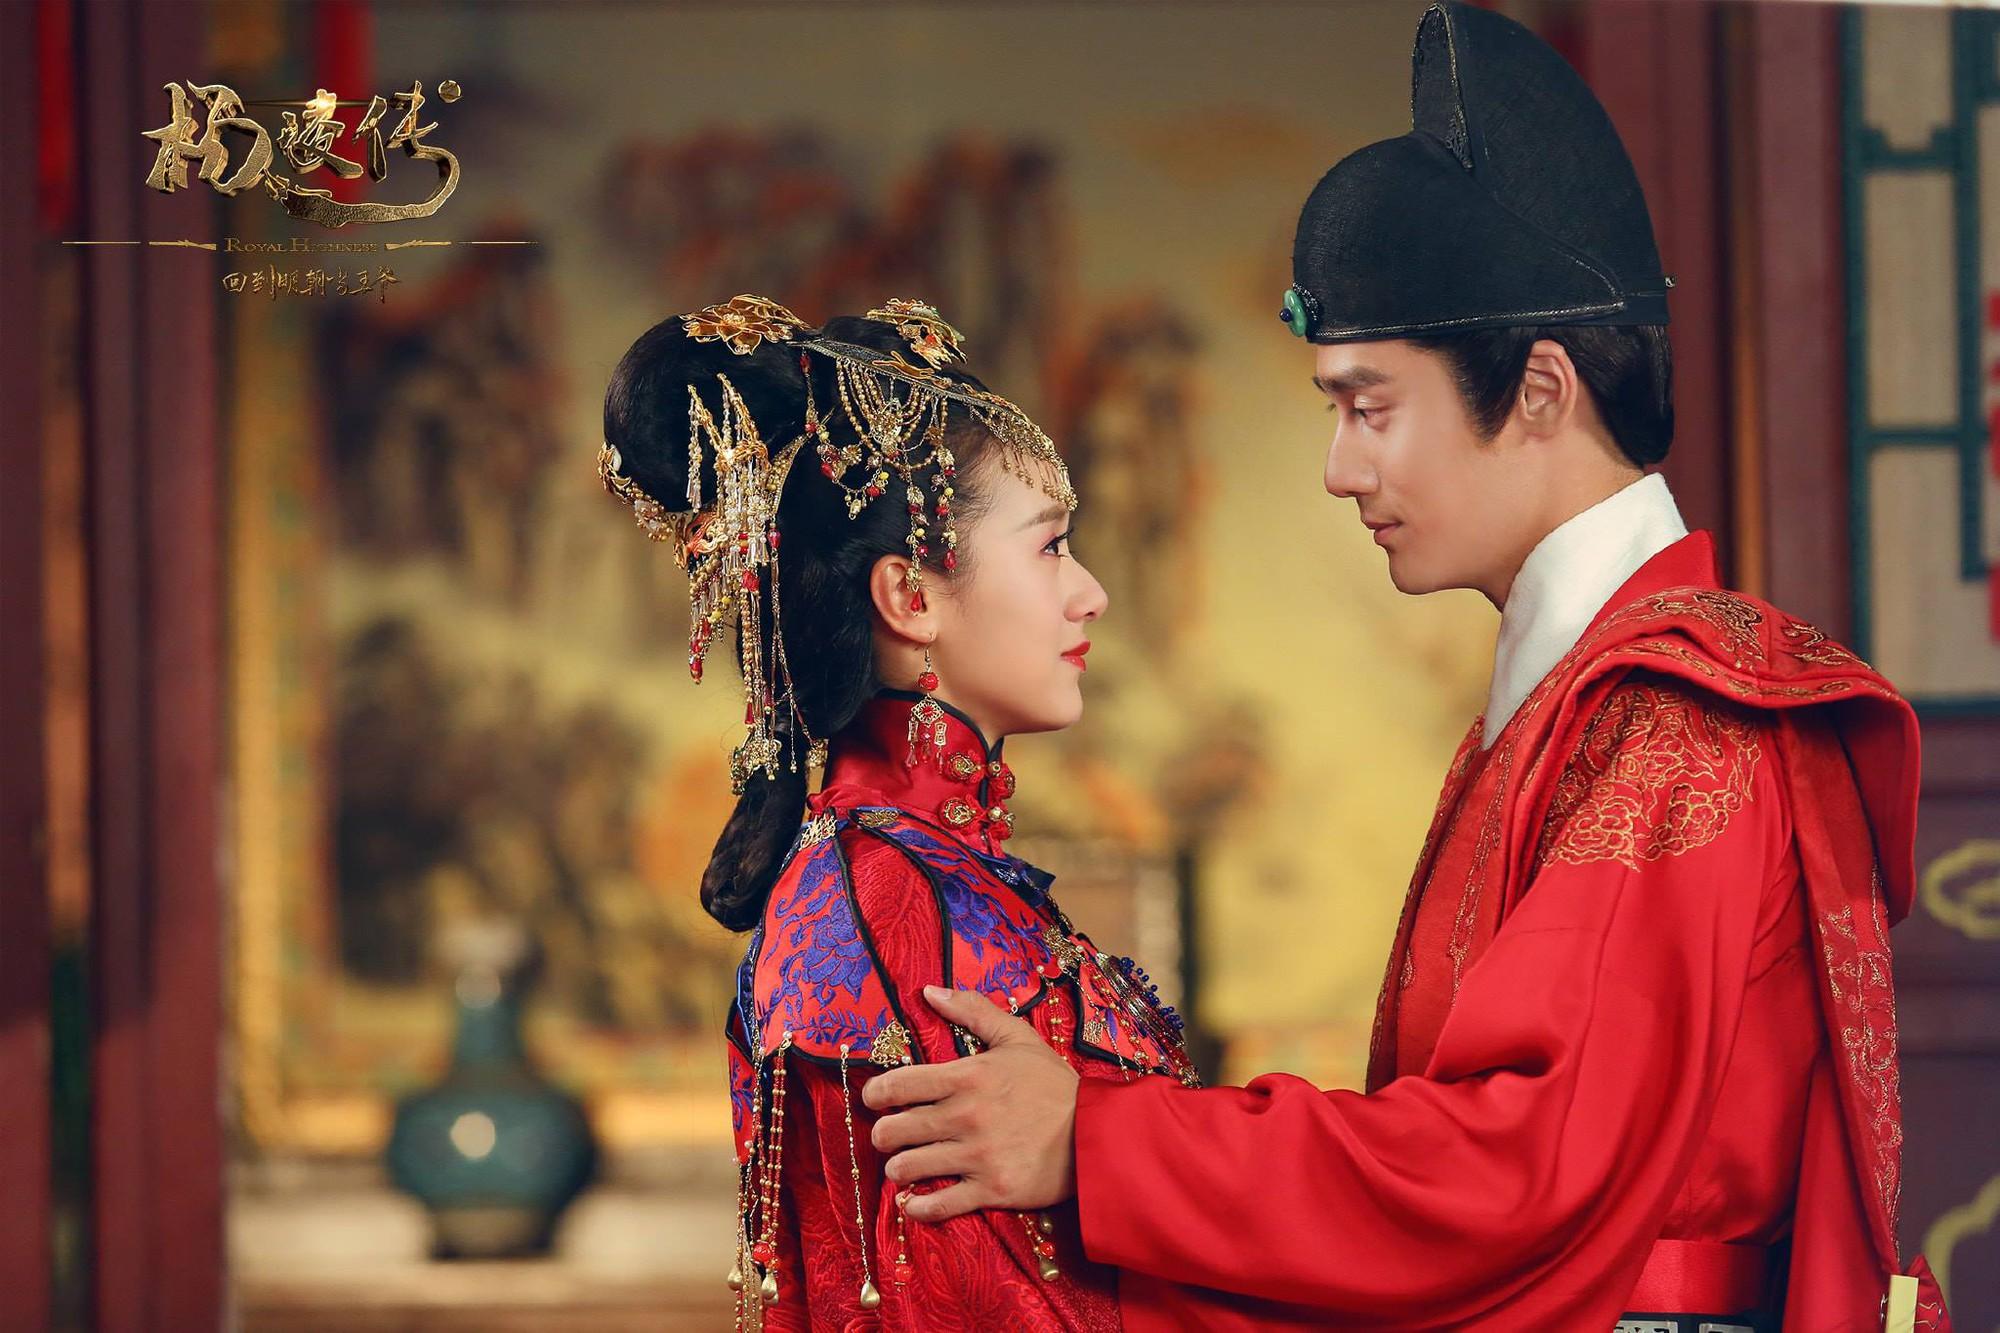 Có tận 3 phim cổ trang xuyên không Trung Quốc lên sóng tuần này! - Ảnh 10.